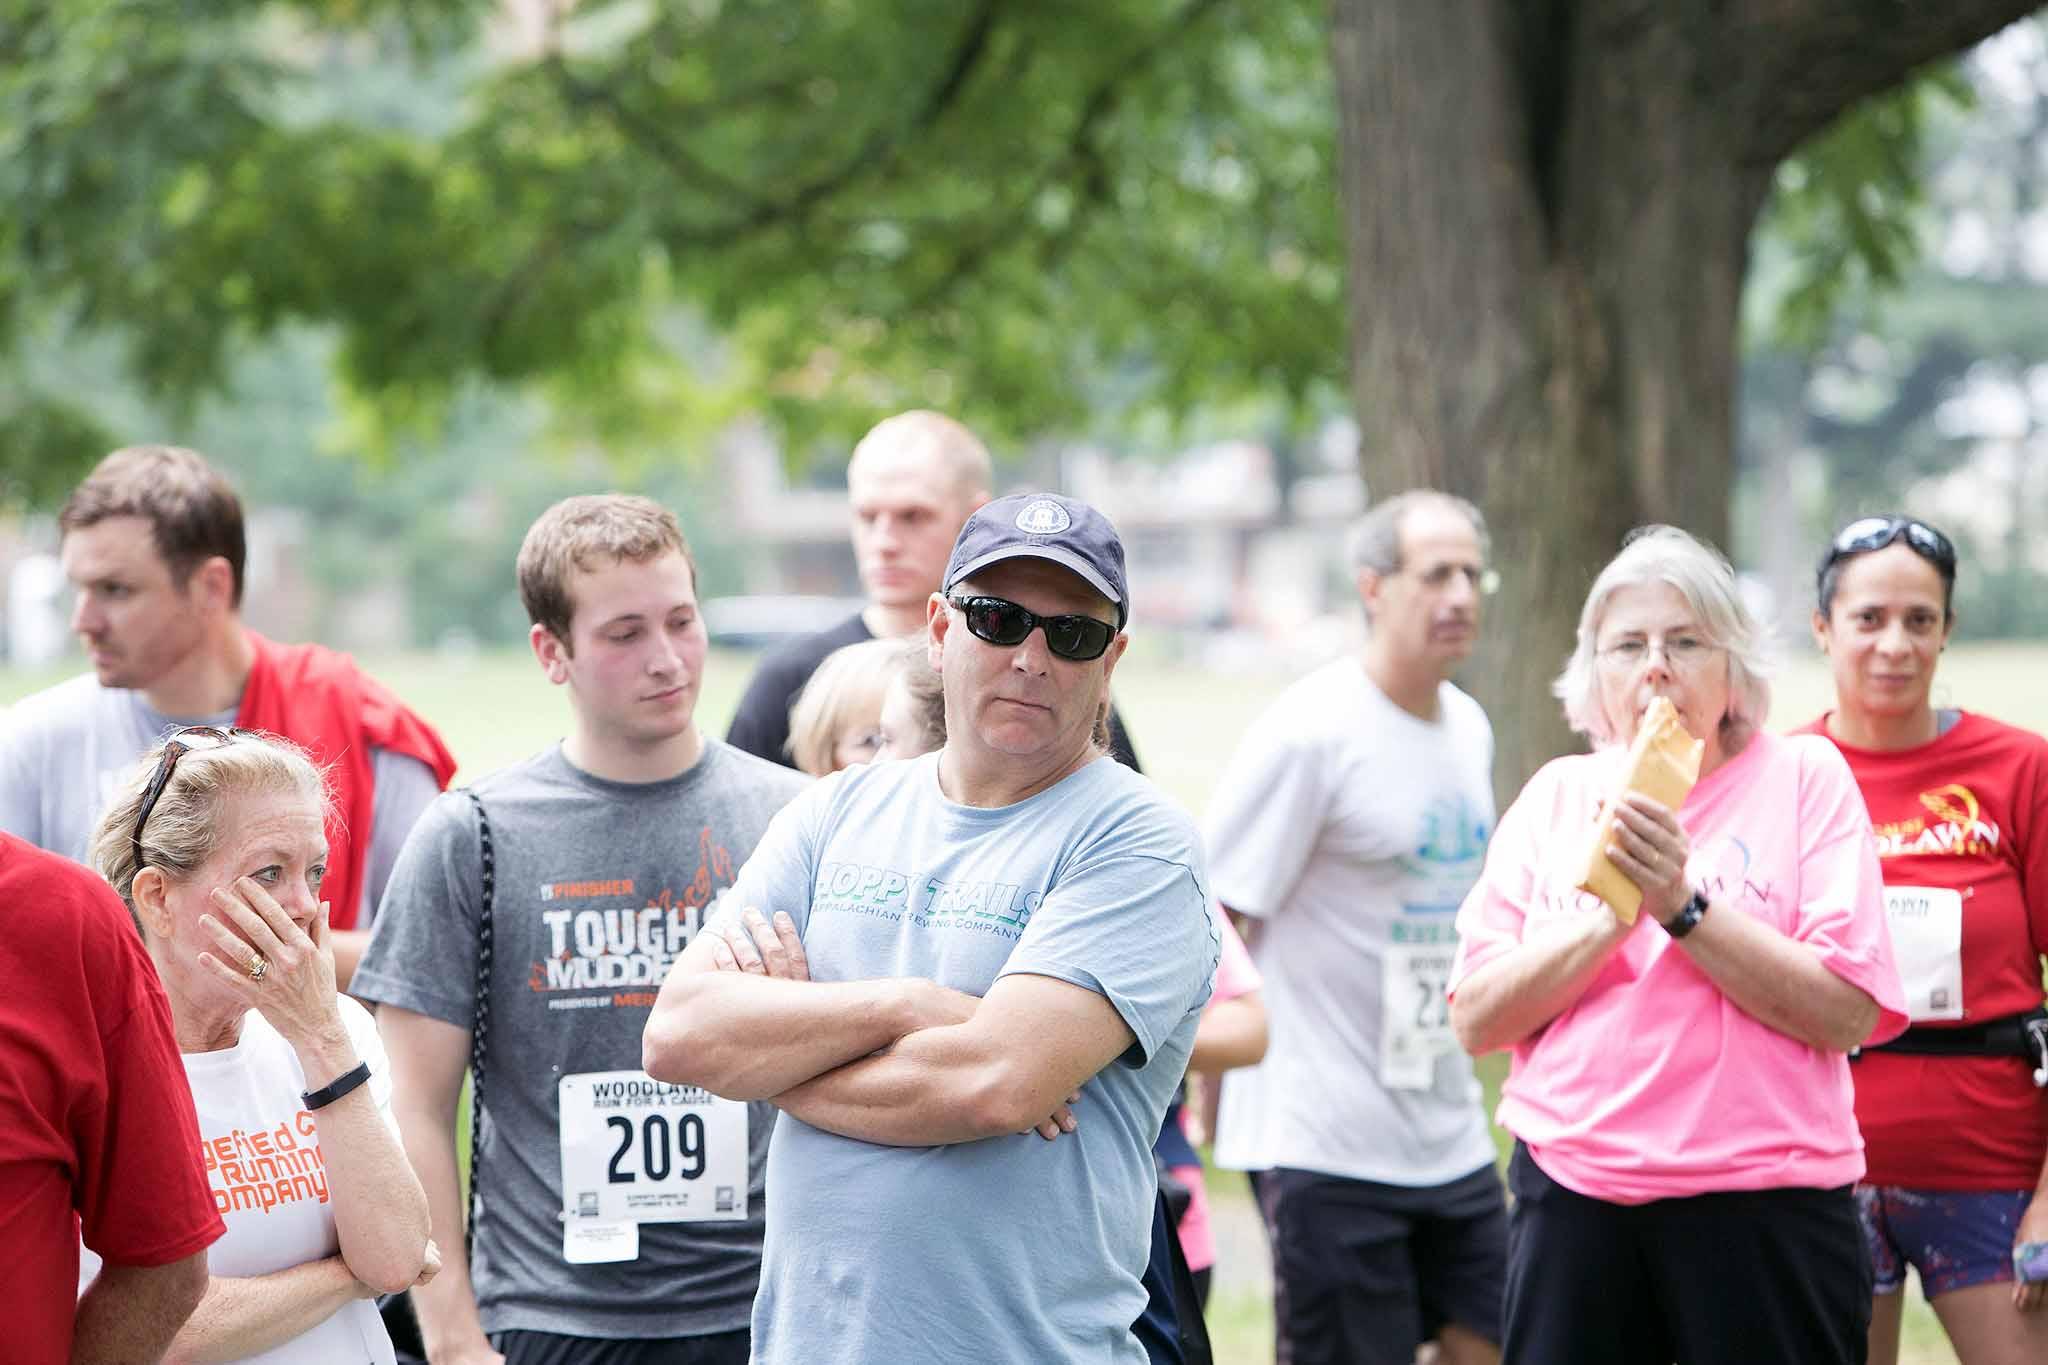 223-Woodlawn Run for a Cause-638.jpg